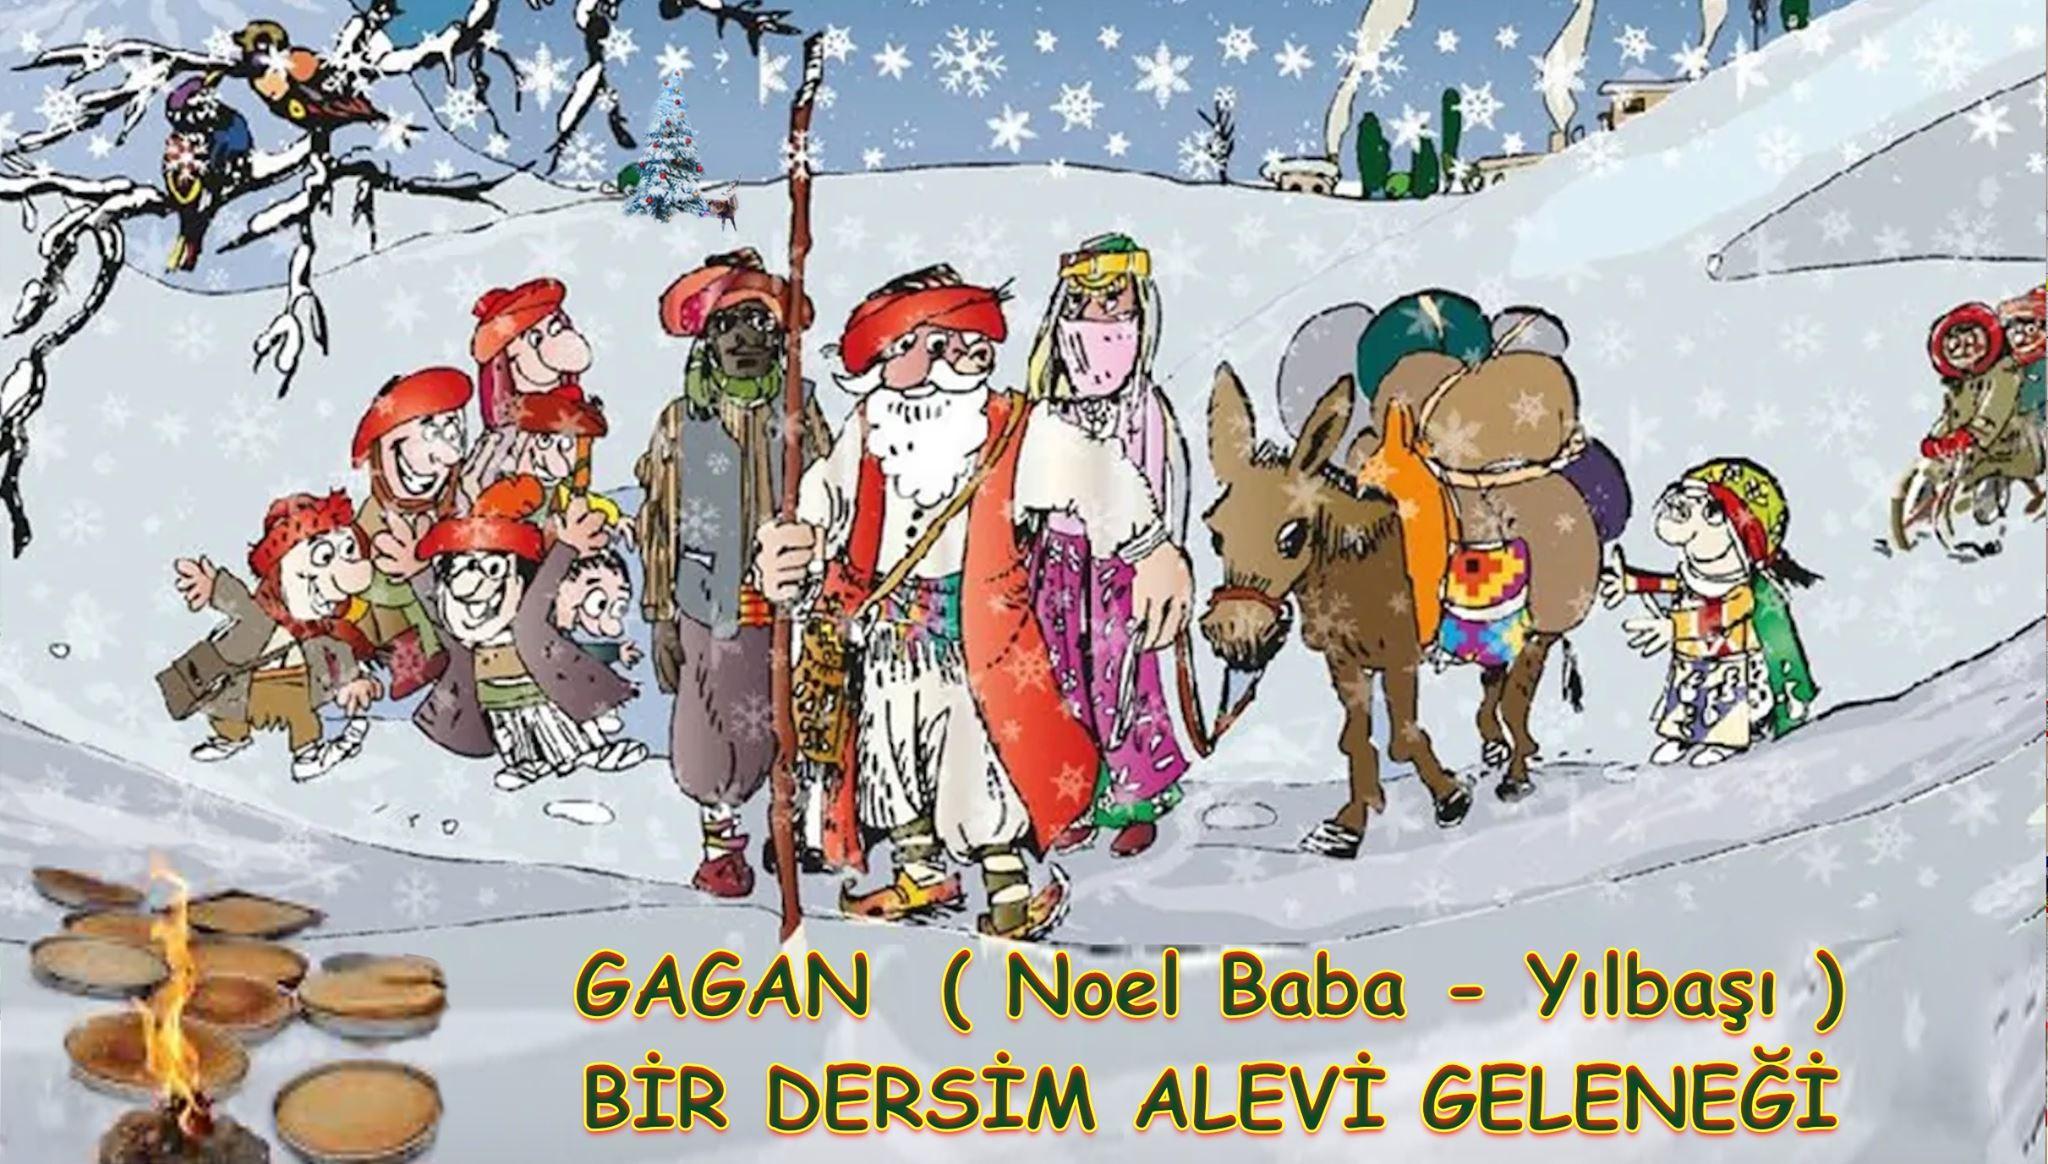 Gagan Gagane Noel baba yılbaşı bir Dersim Alevi gelenegi Devrimci Aleviler Birliği DAB Alevi bektaşi kızılbaş cem semah Pir sultan